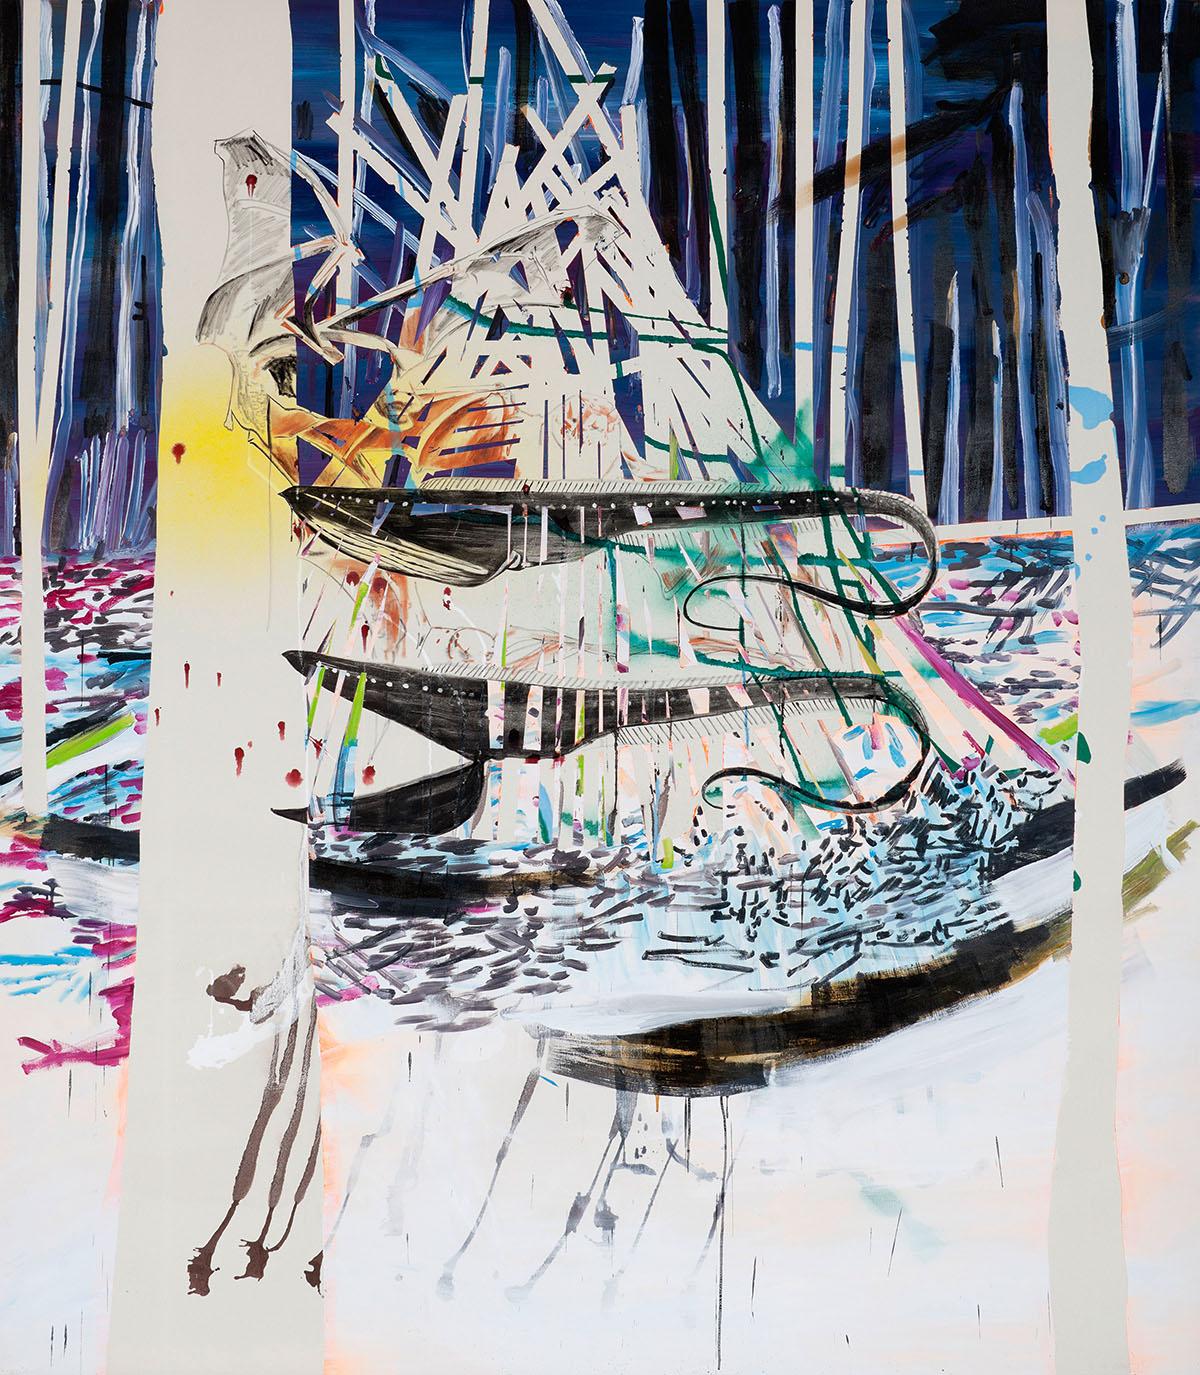 """o.T. aus """"Alm Alb Pacific"""", 2014, 240 x 210 cm, Mischtechnik auf Leinwand"""